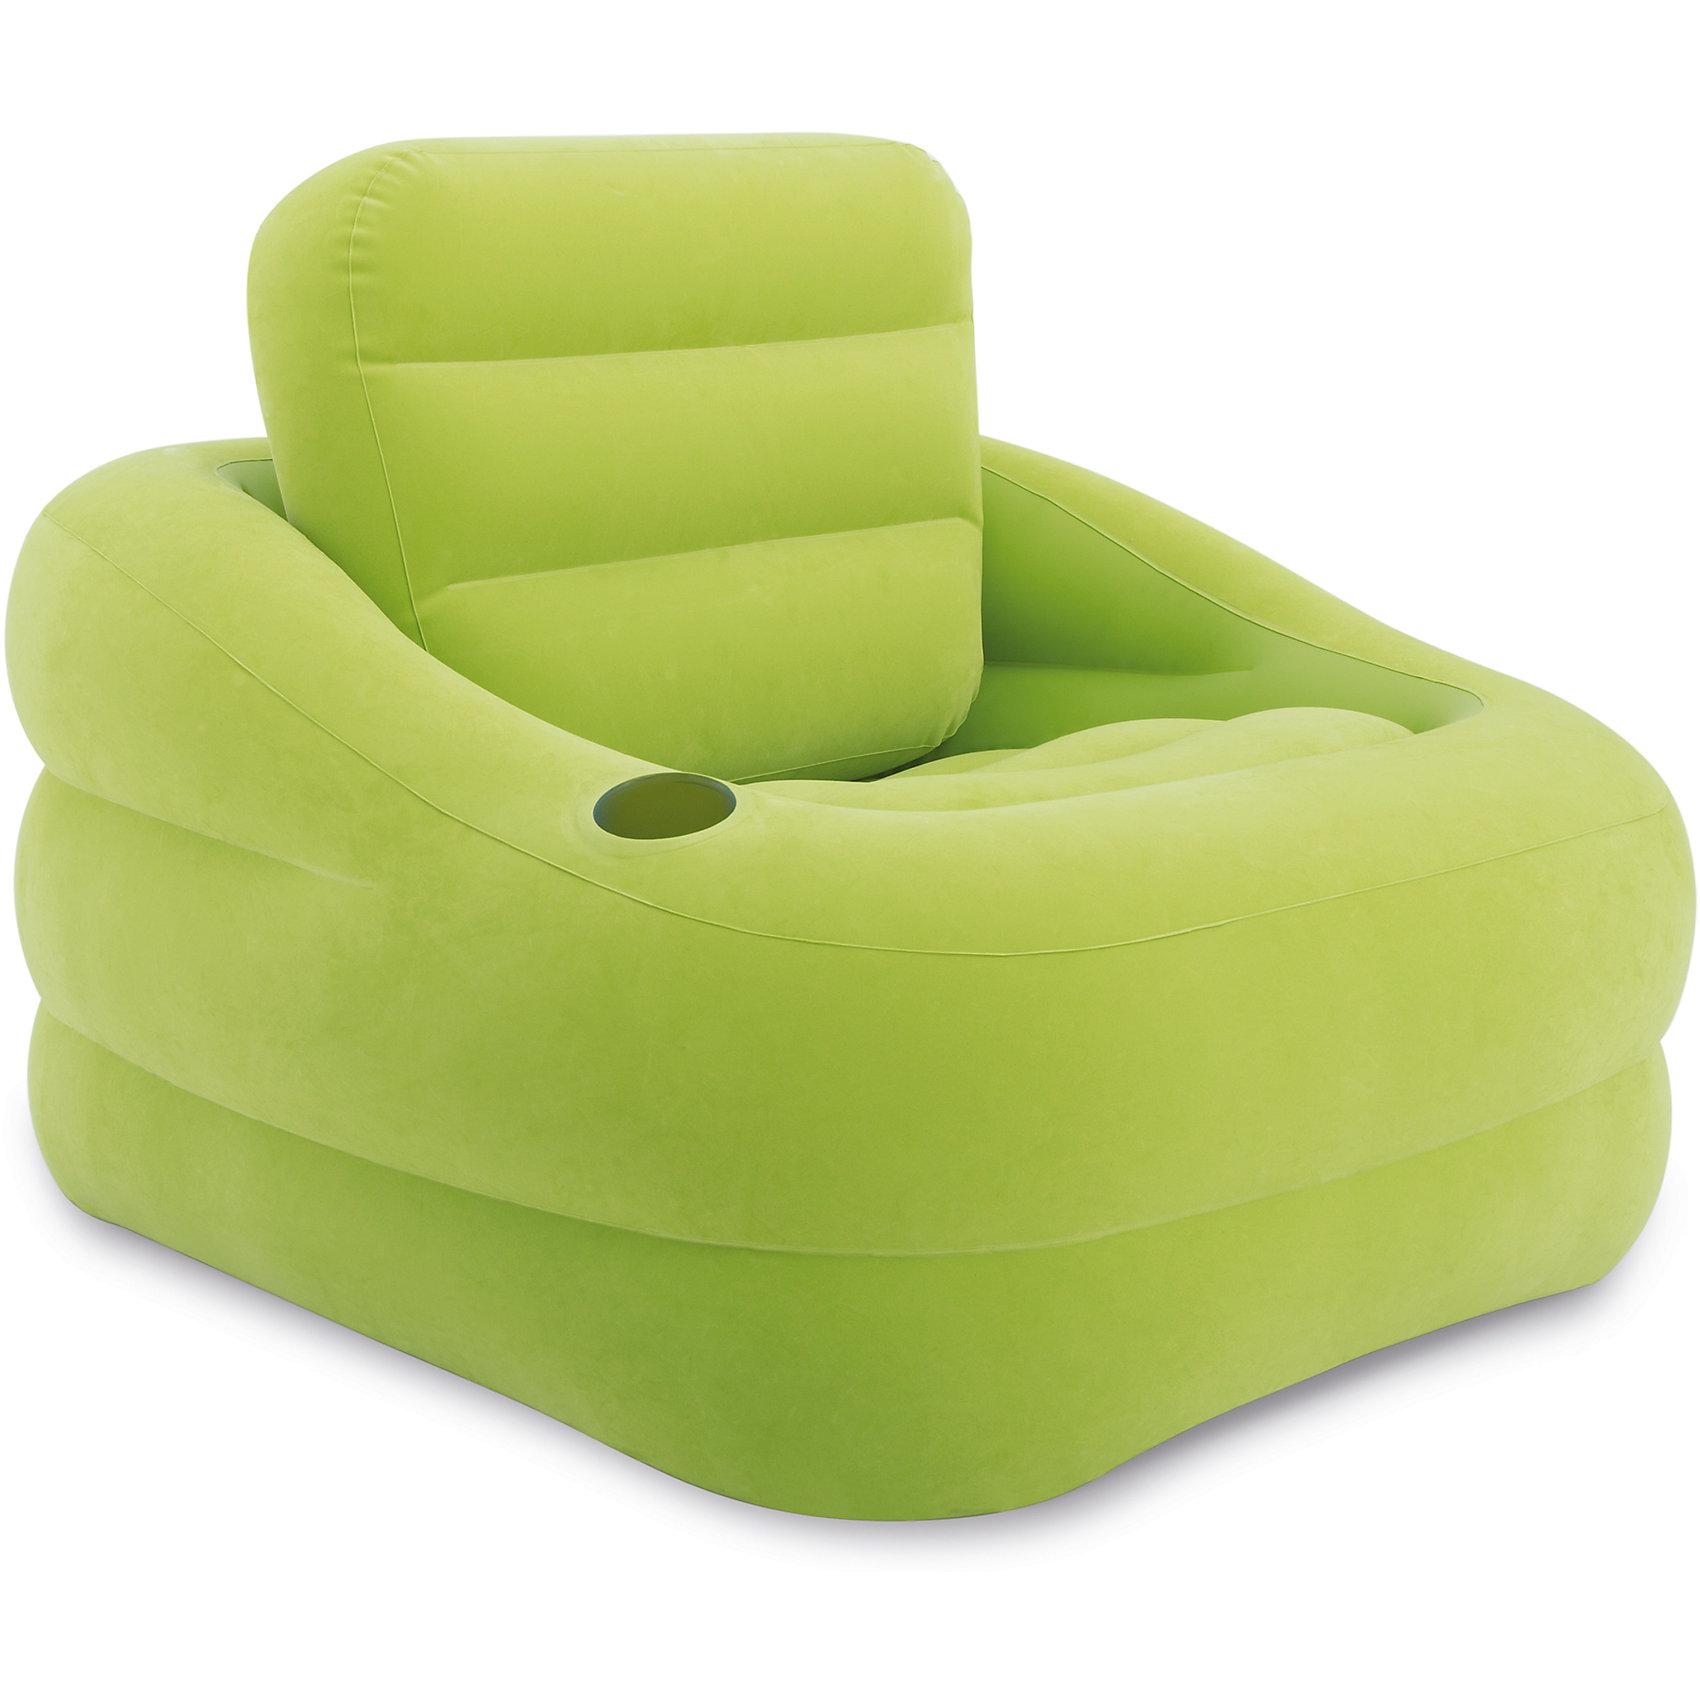 Надувное кресло Акцент 97х107х71см, Intex, зеленыйДомики и мебель<br>Характеристики товара:<br><br>• материал: поливинилхлорид, 100%<br>• размеры места (ВхШхД): 97х71х107 см <br>• максимальная нагрузка: до 100 кг<br>• повышенная прочность материала<br>• велюровая поверхность<br>• вес в упаковке: 3 кг 573 г<br>• размеры в упаковке (Д*Ш*В): 40,5*36*13,5 см<br>• особенности ухода: влажная и сухая чистка<br><br>Надувное кресло выполнено из безопасного и прочного поливинилхлорида, поверхность – из материала, подобного велюру. Кресло имеет эргономичную форму, за счет чего обеспечивается повышенные комфортные условия. <br><br>Надувное кресло Акцент 97х107х71см, Intex, зеленый идеально подходит для детской комнаты или дачи: его легкий вес и компактный размер в упаковке позволяют брать собой в поездки. Надувное кресло Акцент 97х107х71см, Intex, зеленый станет вашим незаменимым спутником дома, на природе, даче или даже на пляже! <br><br>Надувное кресло Акцент 97х107х71см, Intex, зеленый можно купить в нашем интернет-магазине.<br><br>Ширина мм: 405<br>Глубина мм: 360<br>Высота мм: 135<br>Вес г: 3573<br>Возраст от месяцев: 36<br>Возраст до месяцев: 1188<br>Пол: Унисекс<br>Возраст: Детский<br>SKU: 5630561